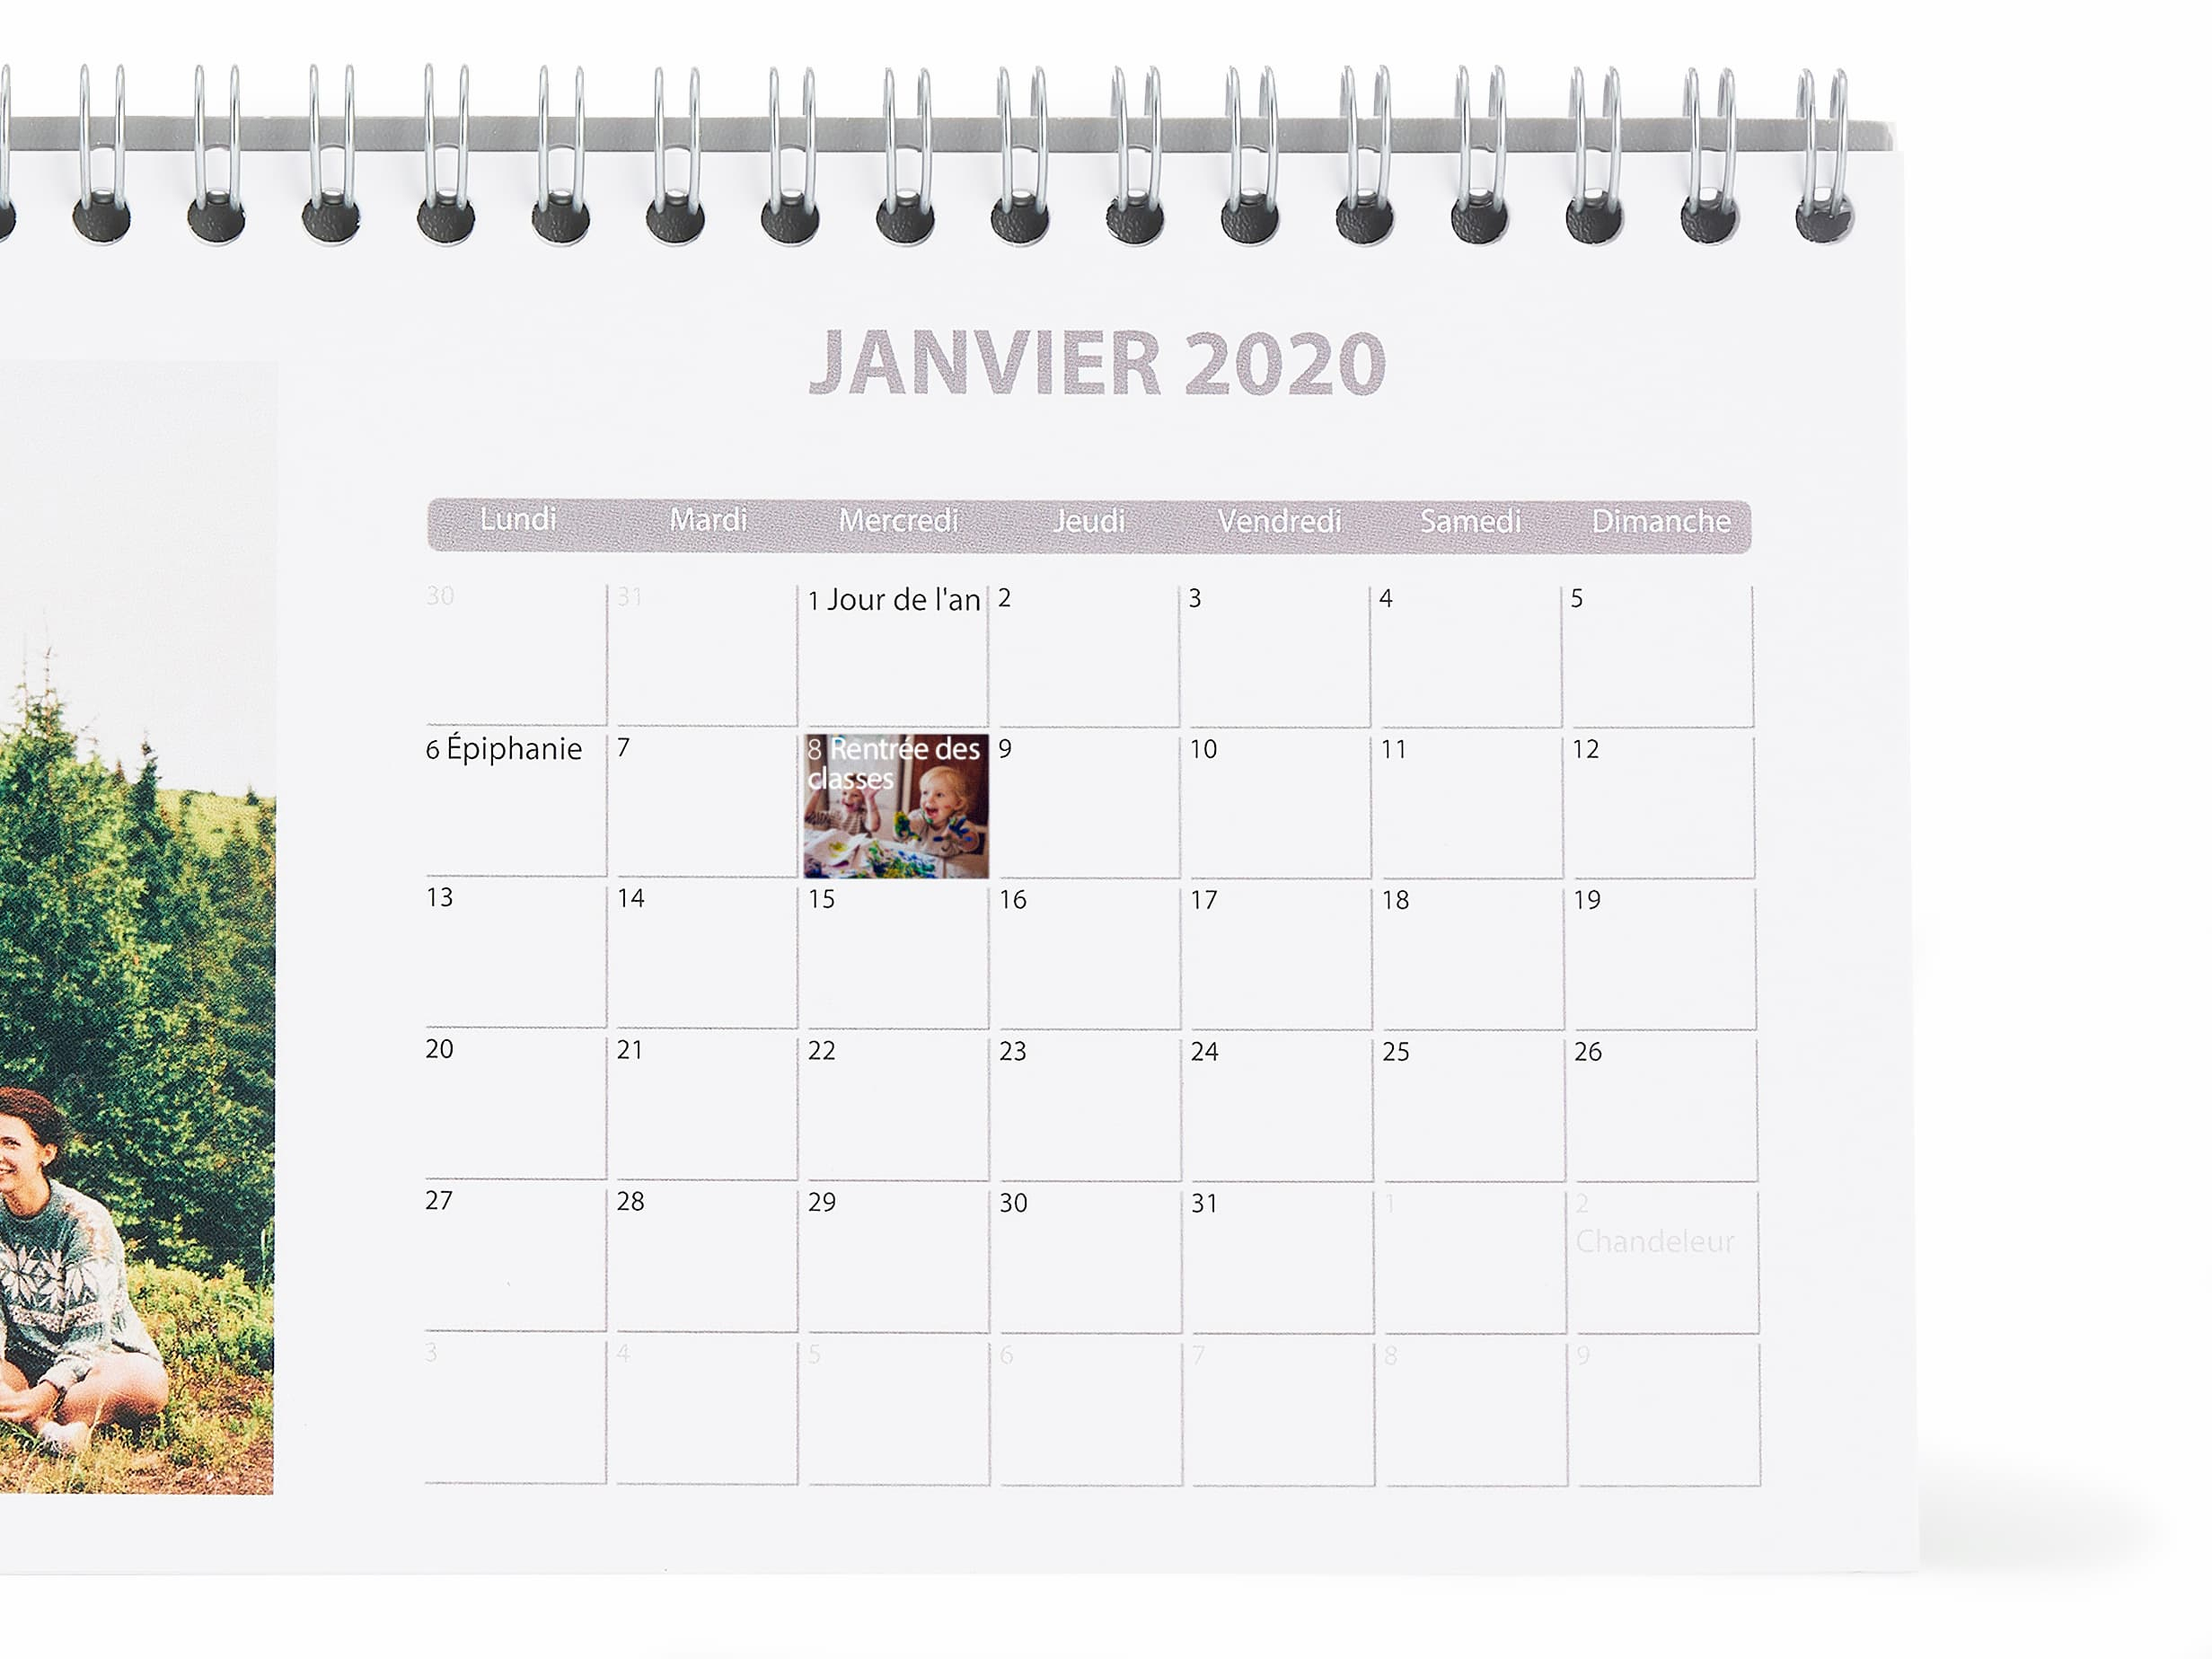 Calendrier Photo À Imprimer | Agenda Personnalisé | Photobox encequiconcerne Calendrier Perpetuel Gratuit Imprimer